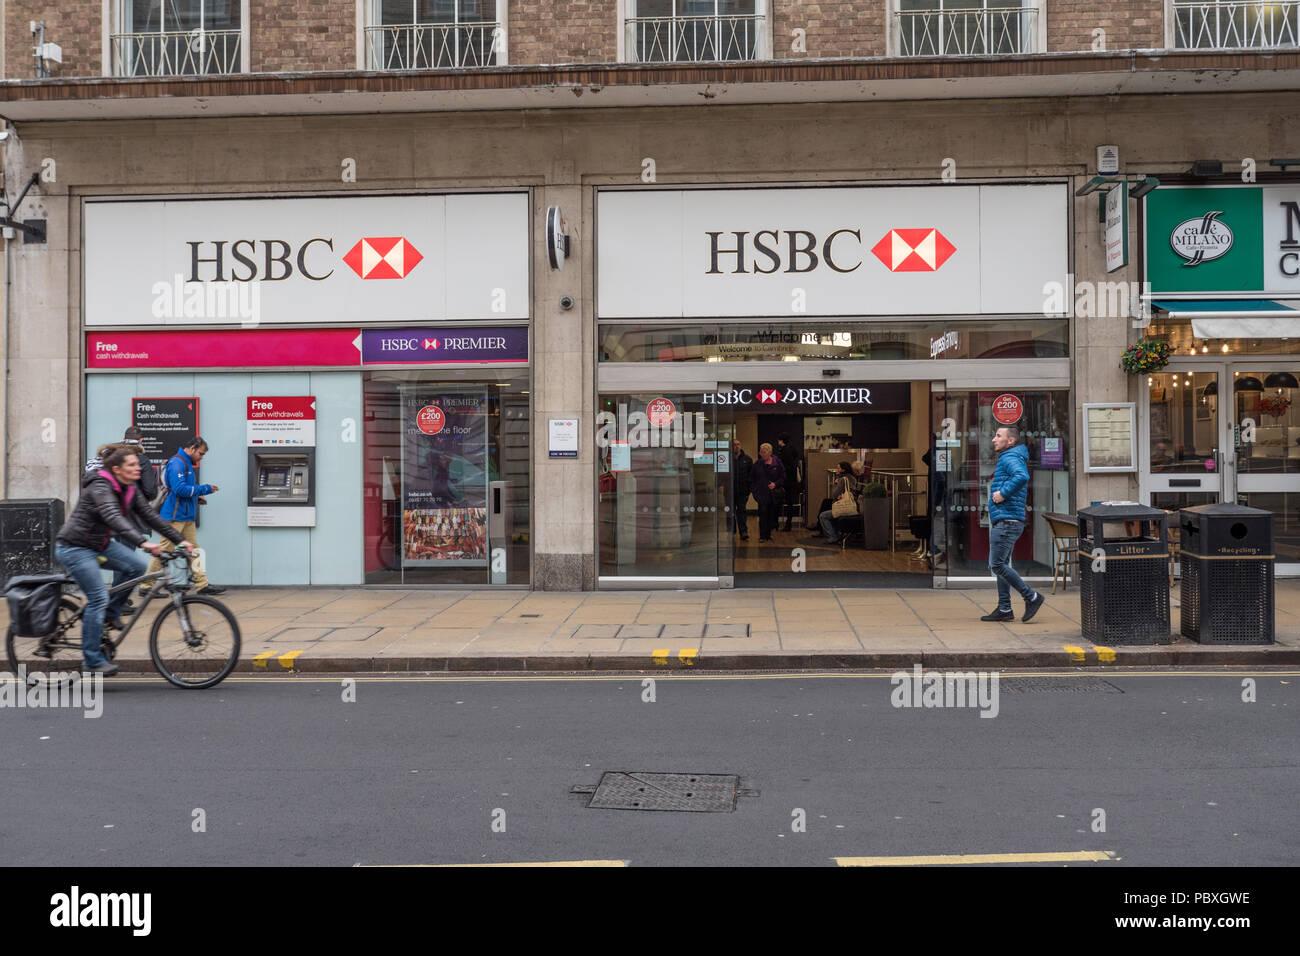 Hsbc Branch Uk Stock Photos & Hsbc Branch Uk Stock Images - Alamy